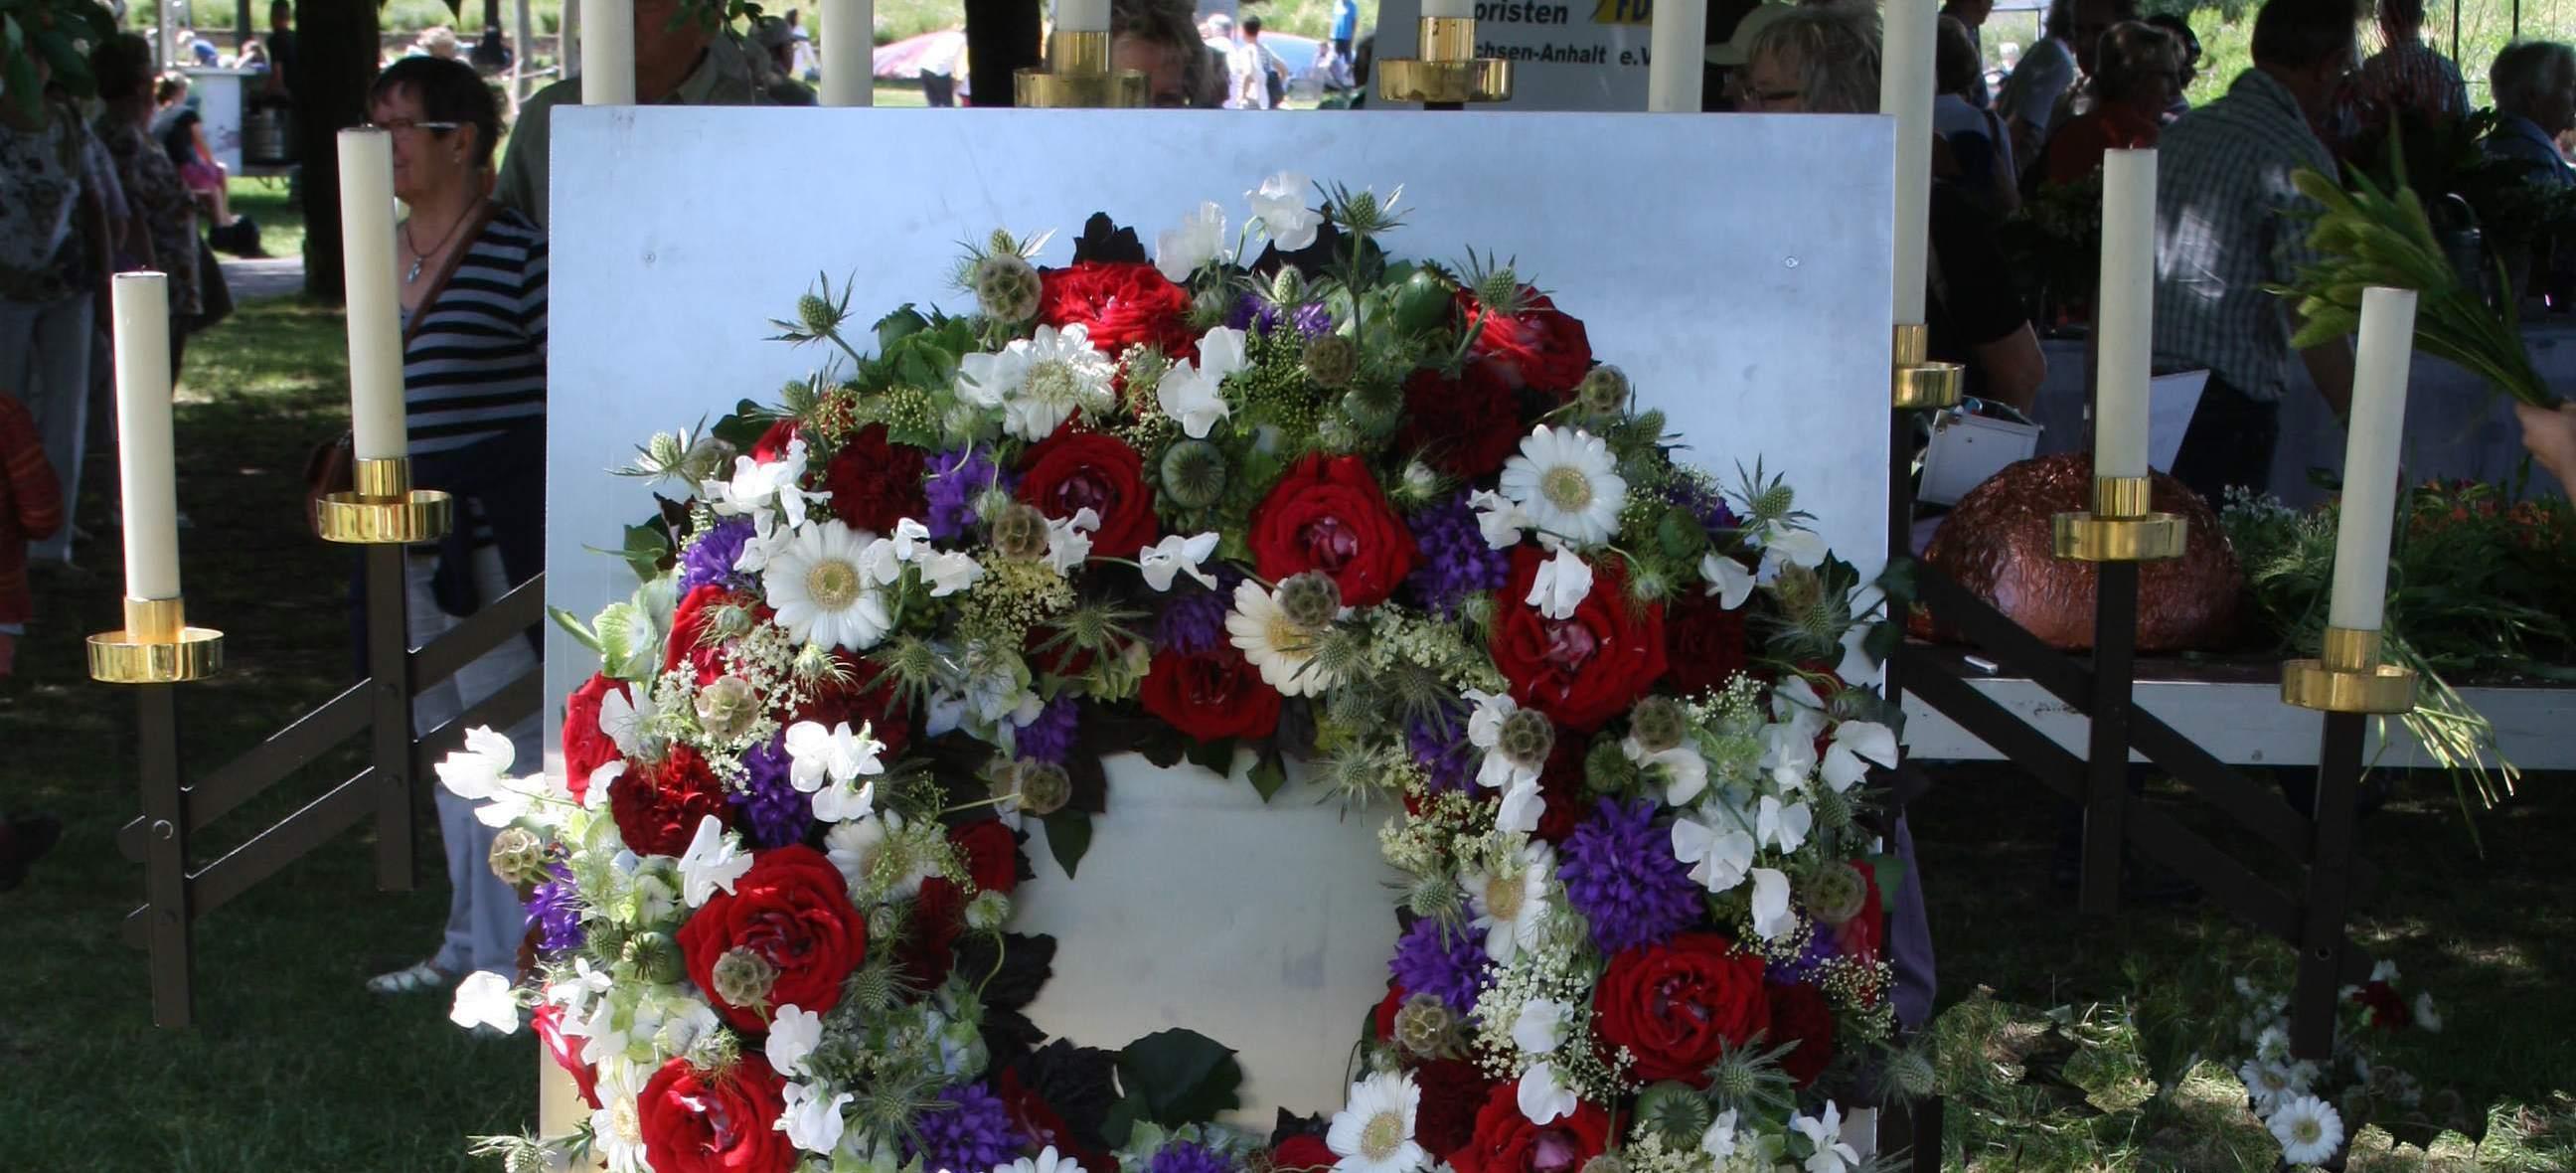 28.6.2015 – Trauerfloristik und Grabgestaltung in Havelberg